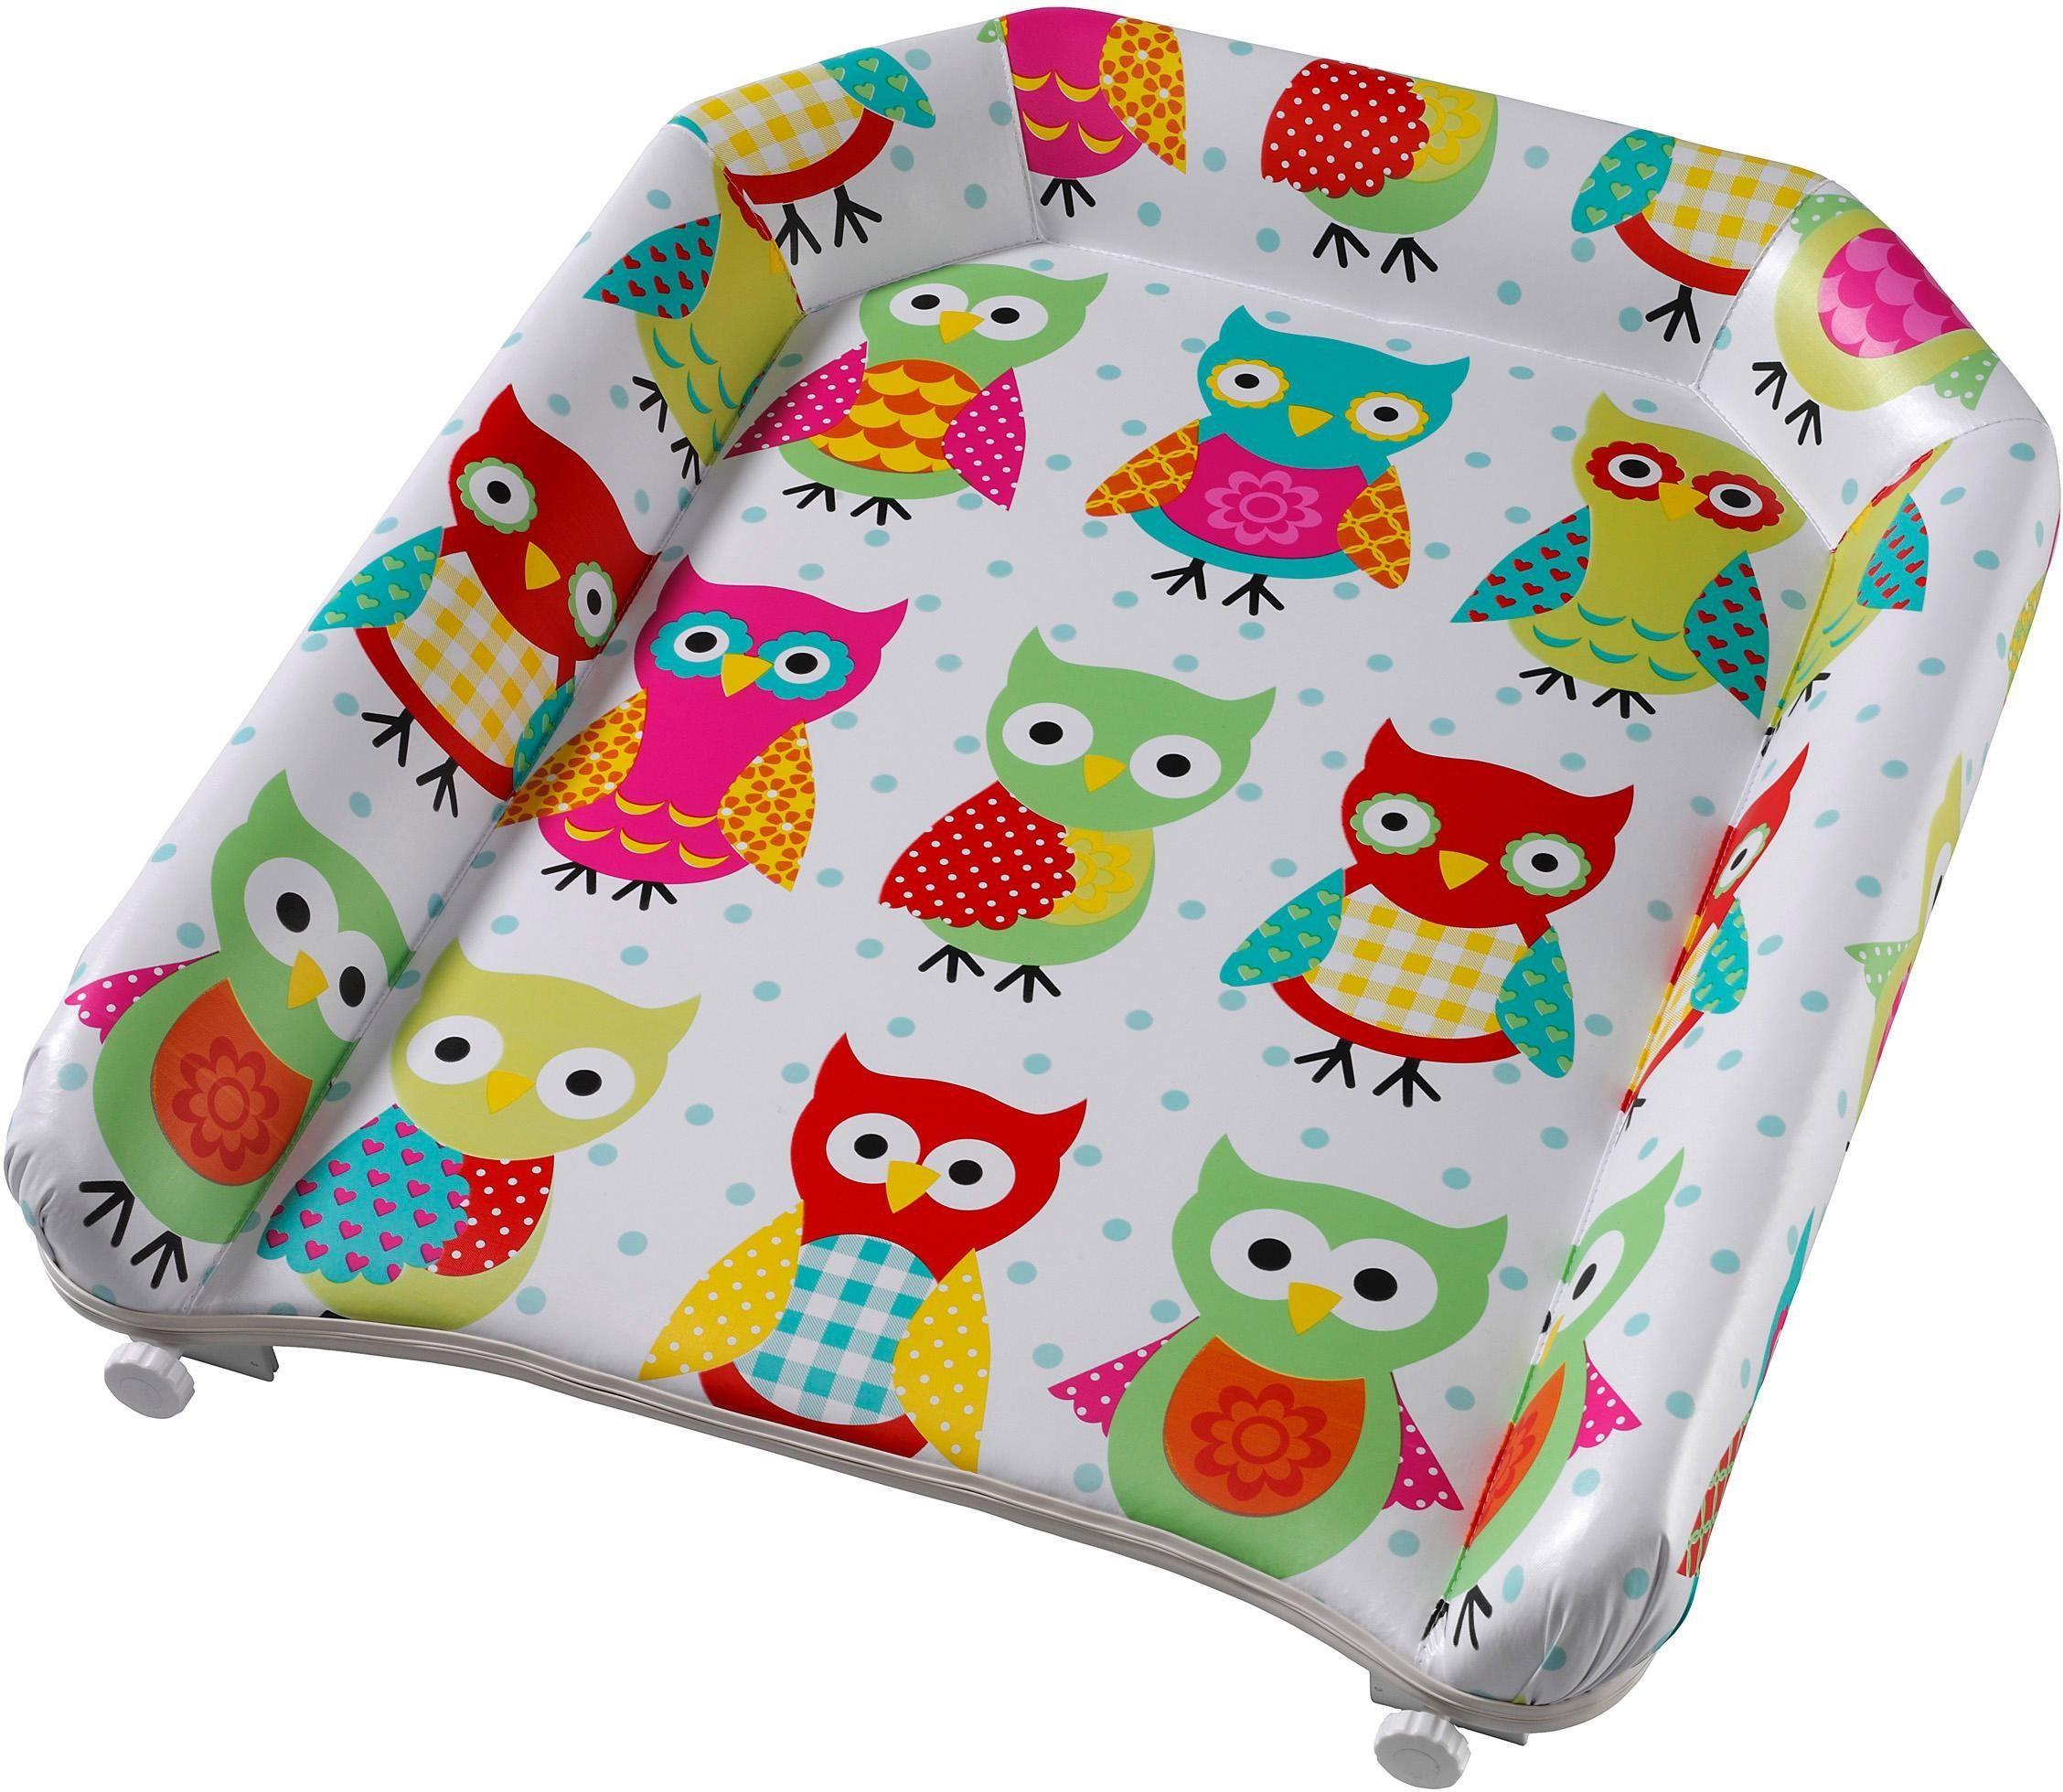 Geuther Wickelplatte für das Kinderbett, »Folie 031«